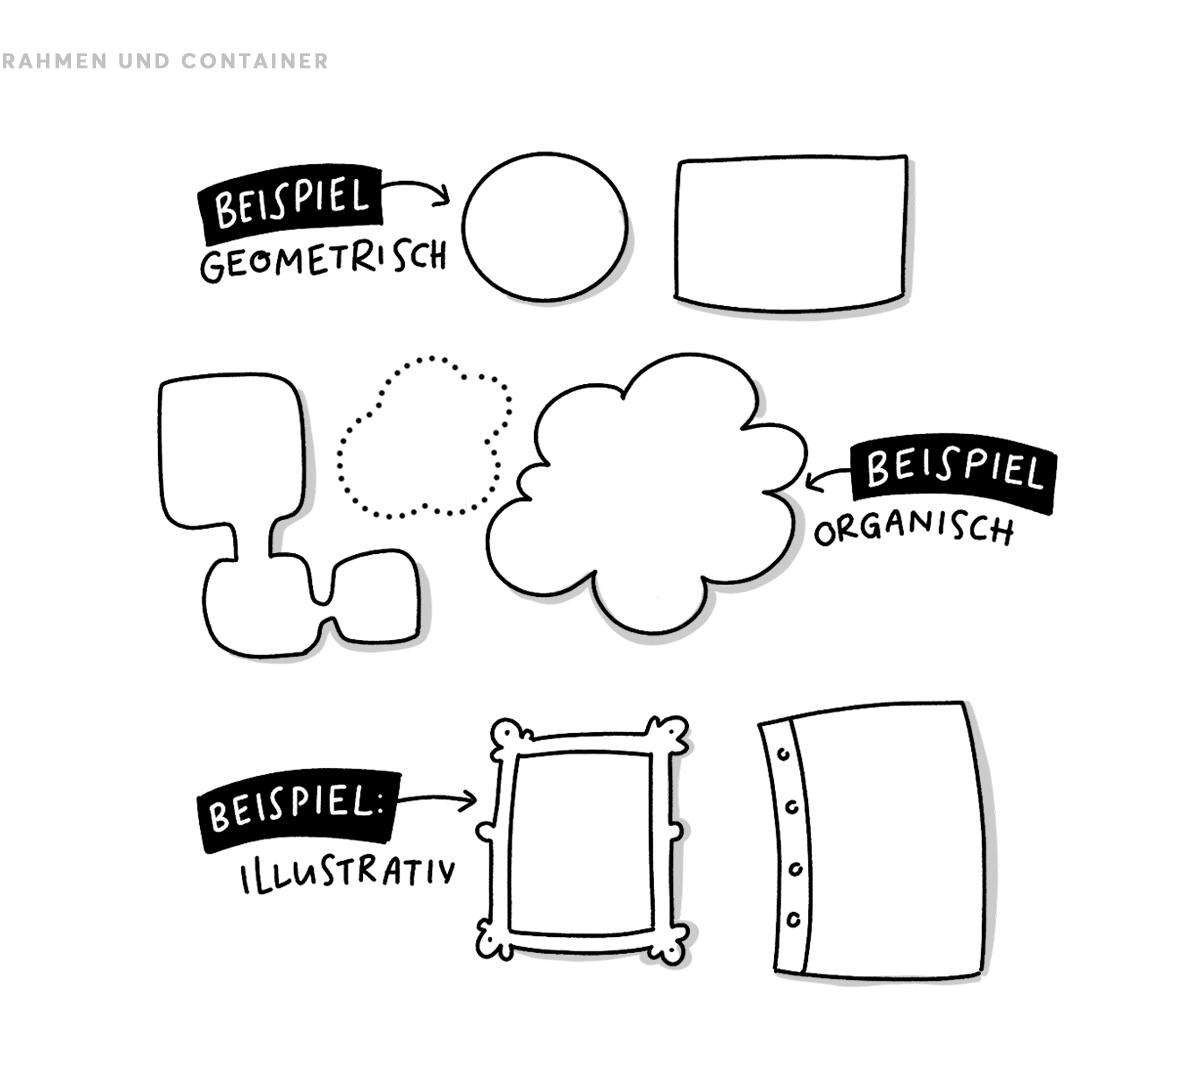 Sketchnotes Struktur Rahmen